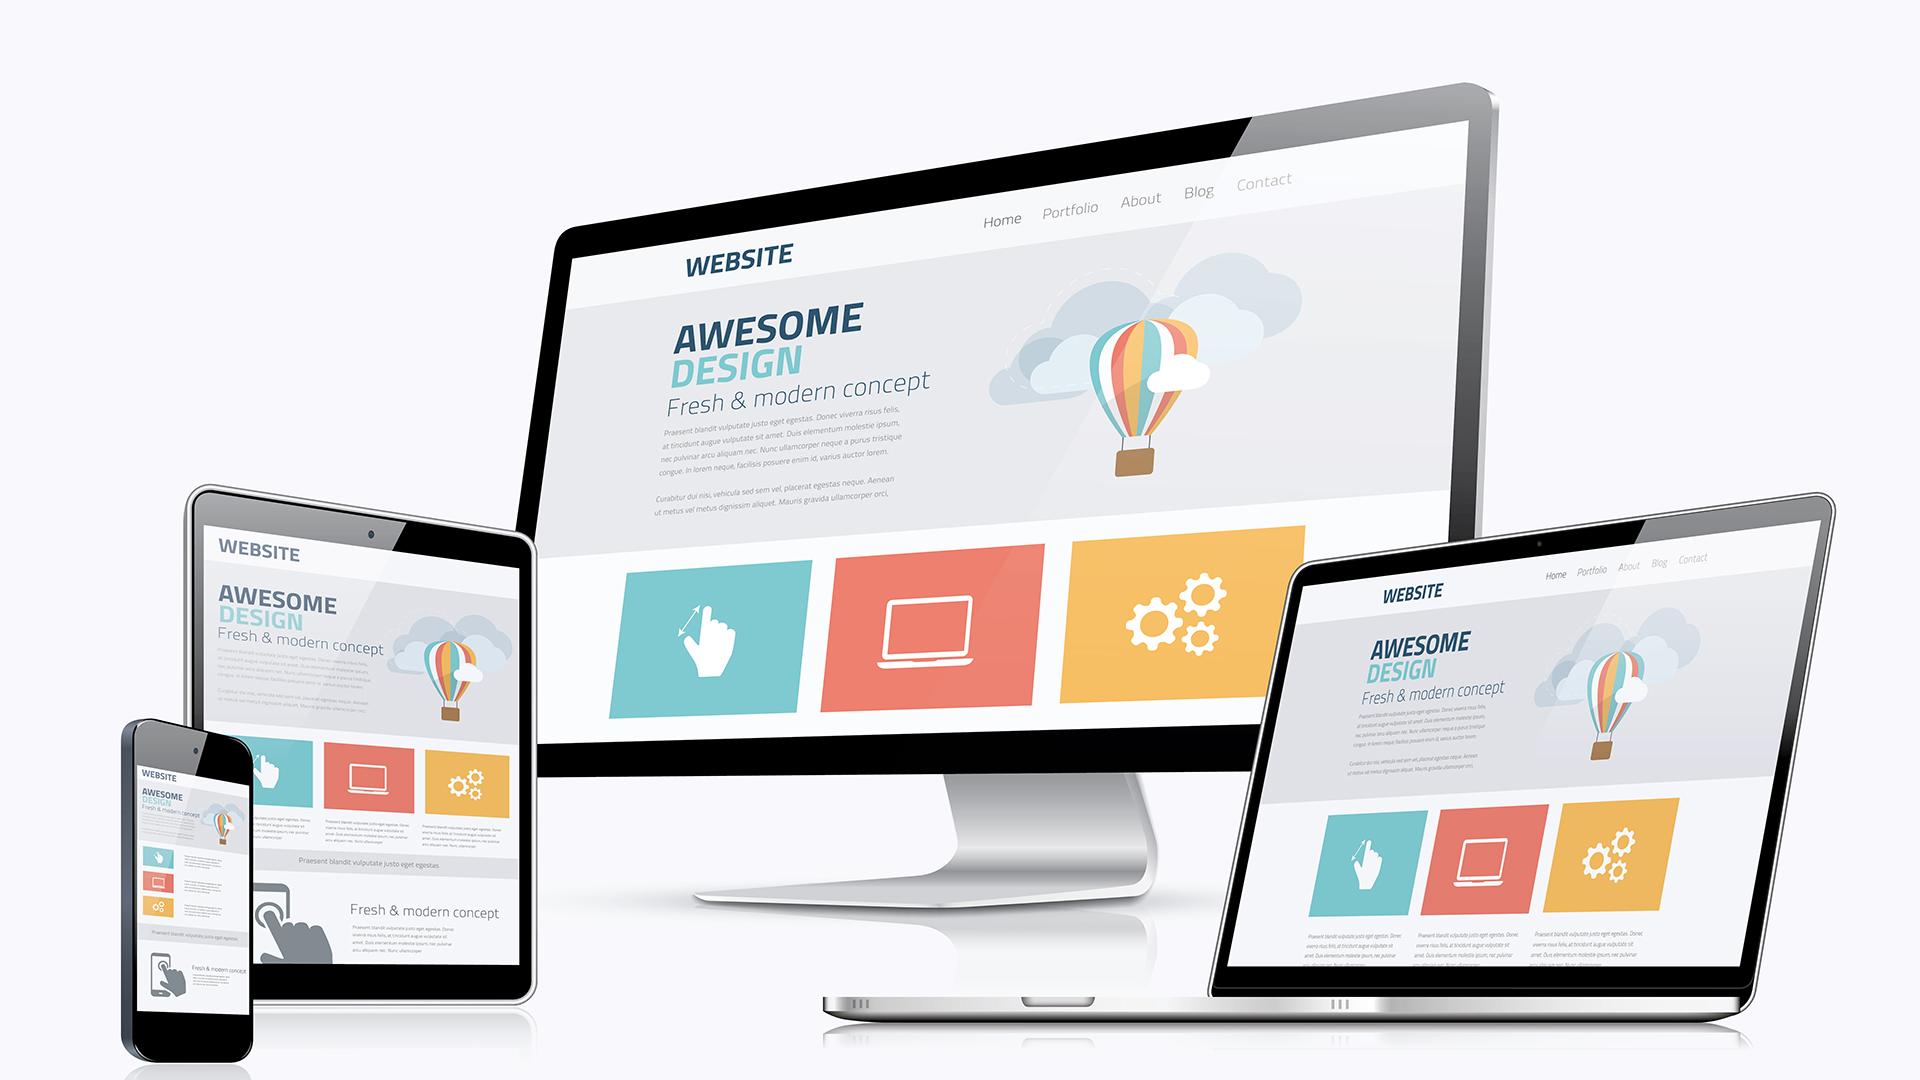 website-design.d83fc6cdaed24ece9161377da289a14f.jpg